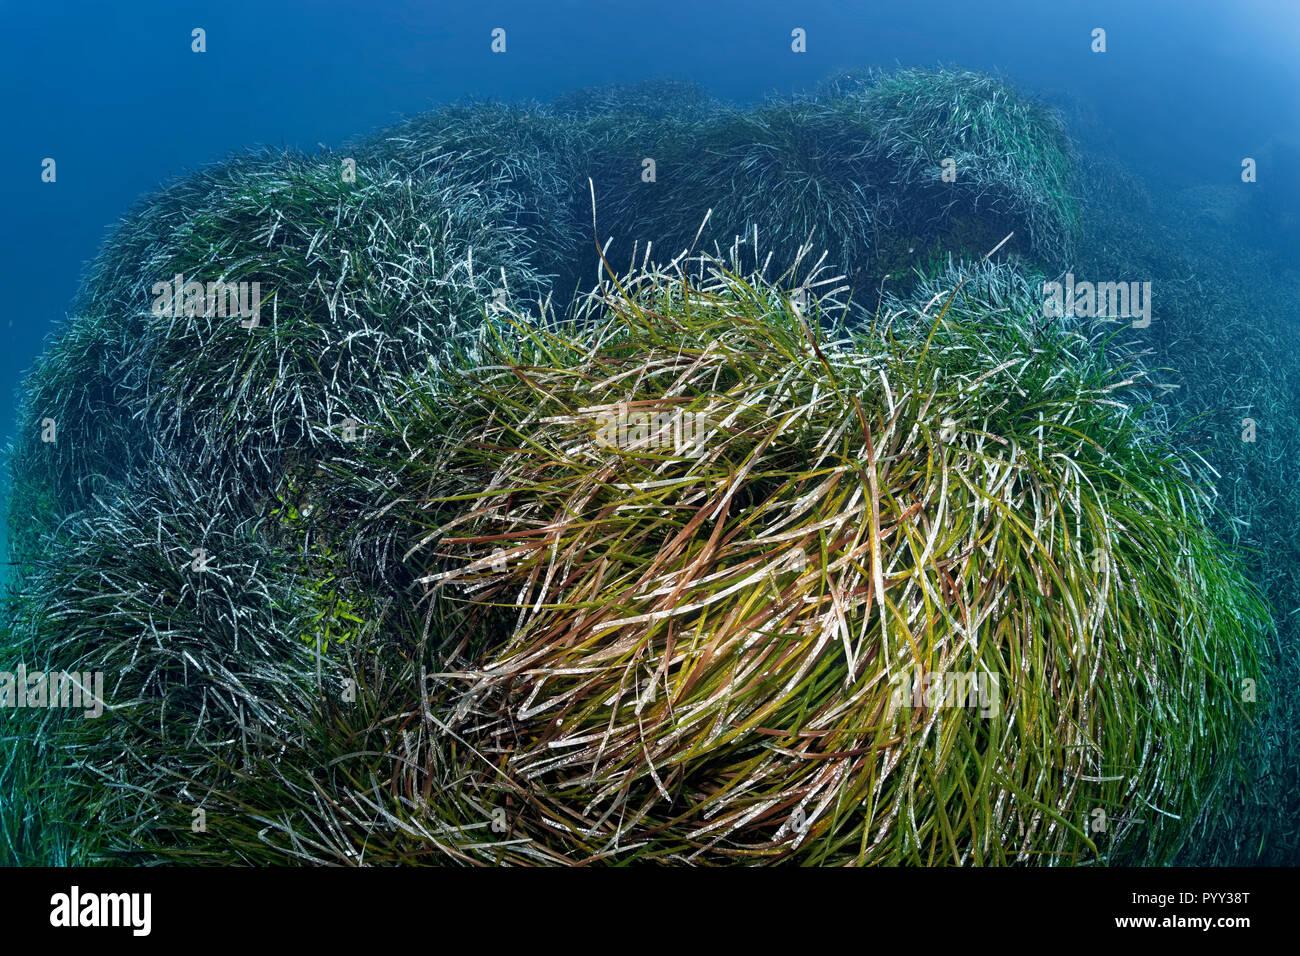 Hierba de Neptuno (Posidonia oceanica), el Mar Mediterráneo, al sur de Chipre, Chipre Imagen De Stock